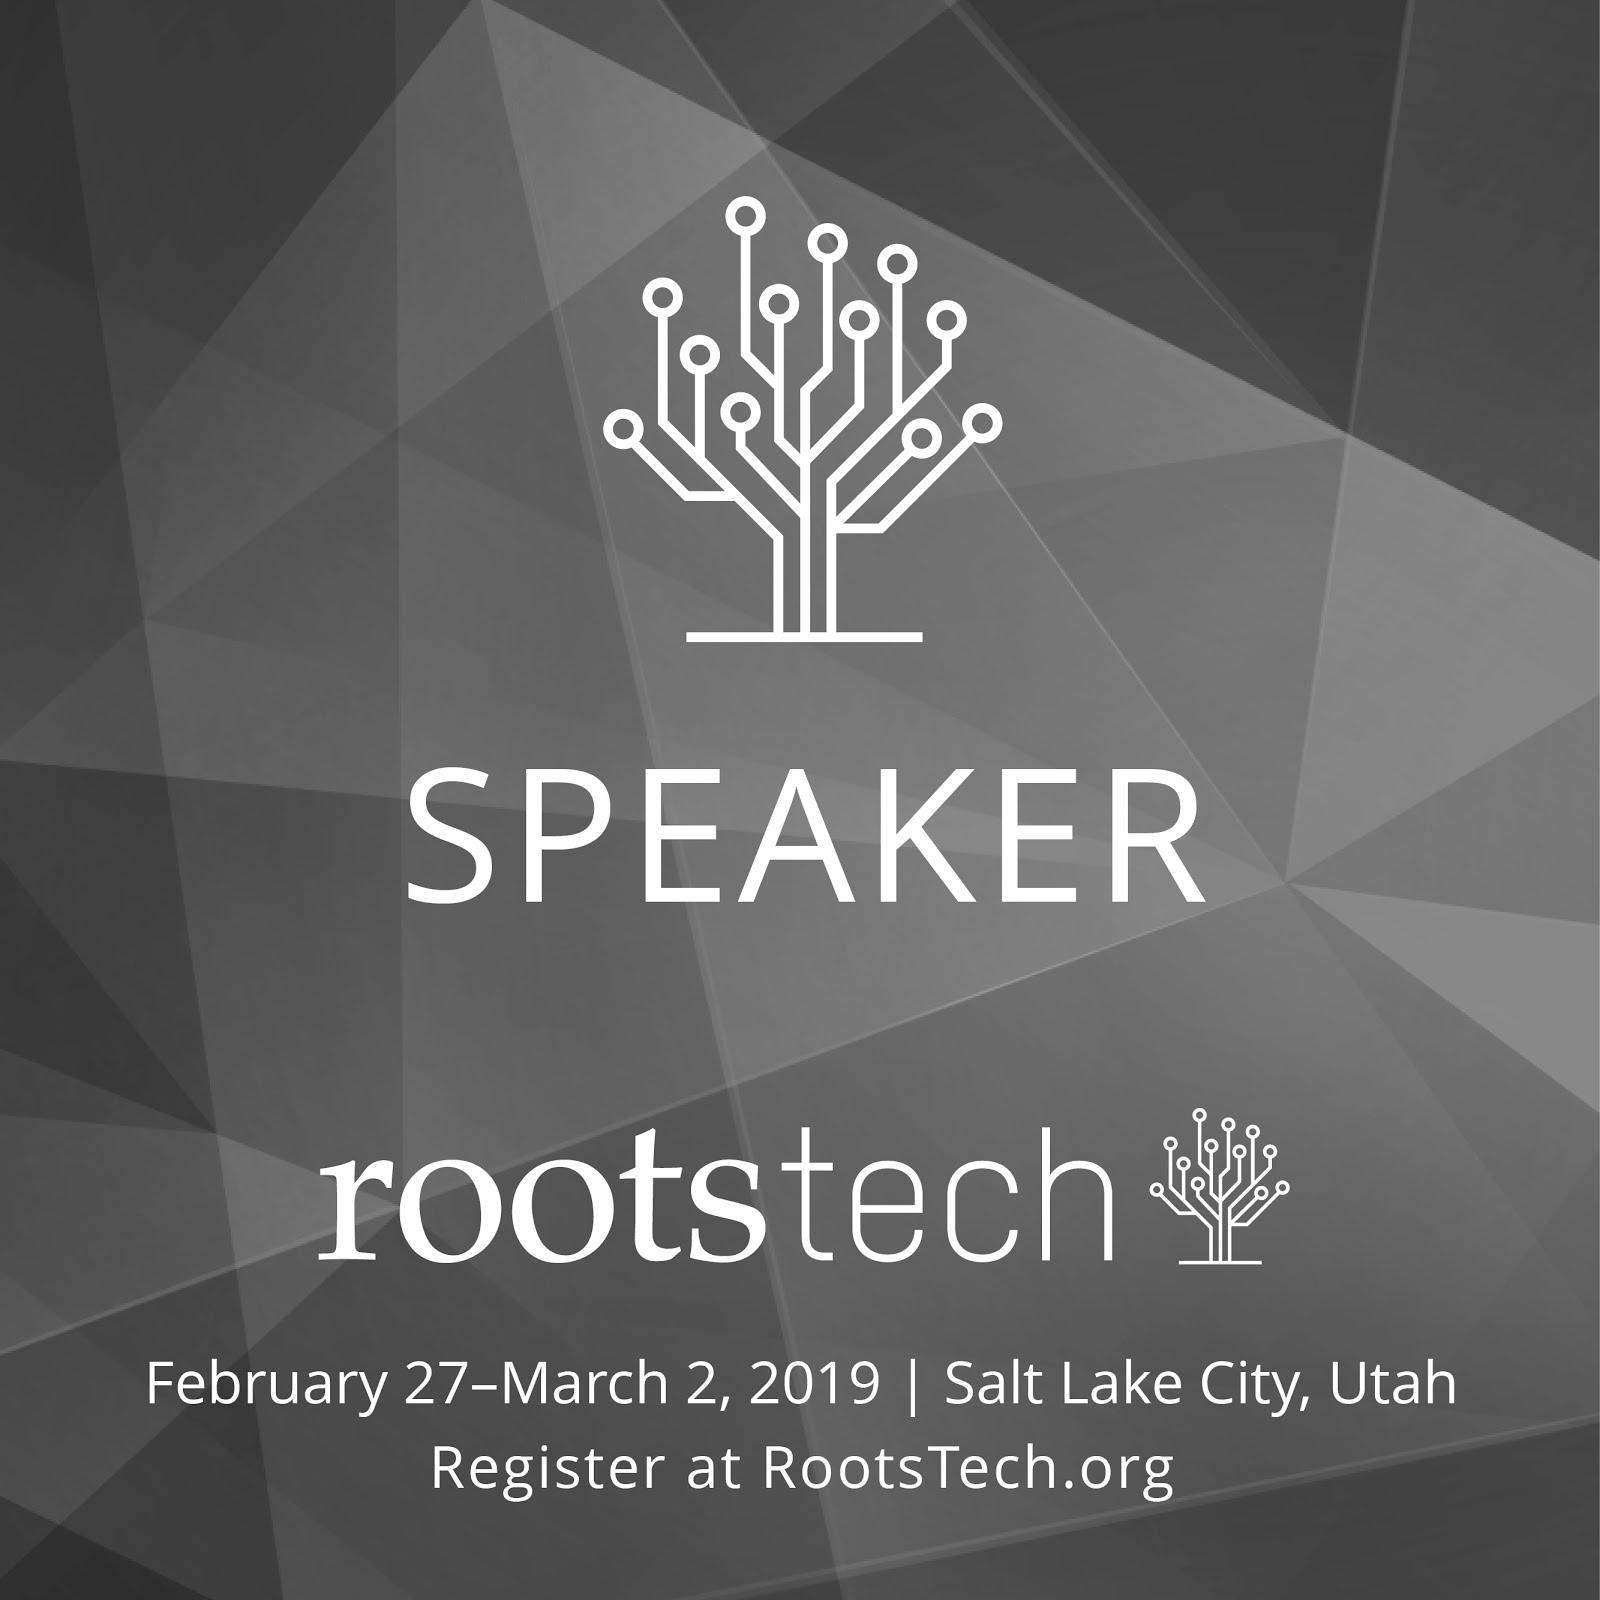 RootsTech2019 Speaker